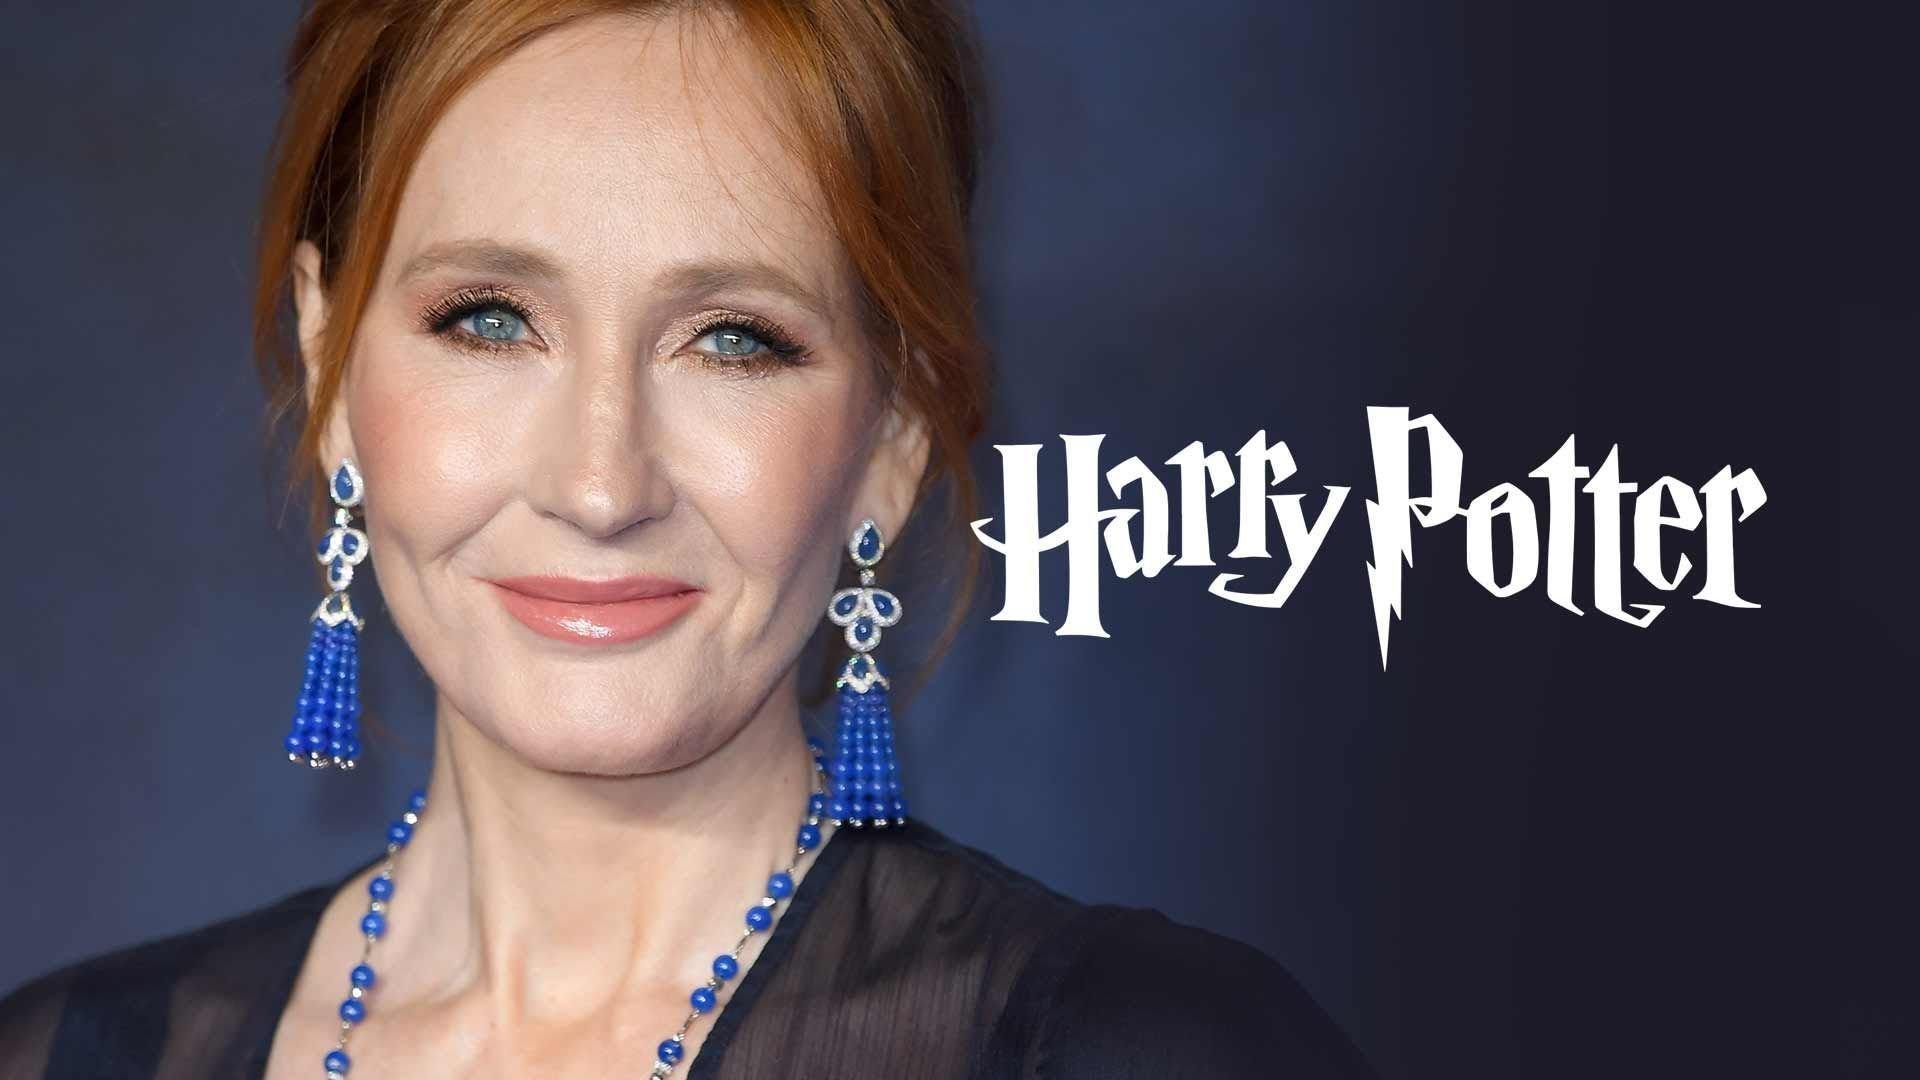 JK Rowling corre o risco de comprometer o sucesso do RPG de Harry Potter? »Vamos falar sobre videogames